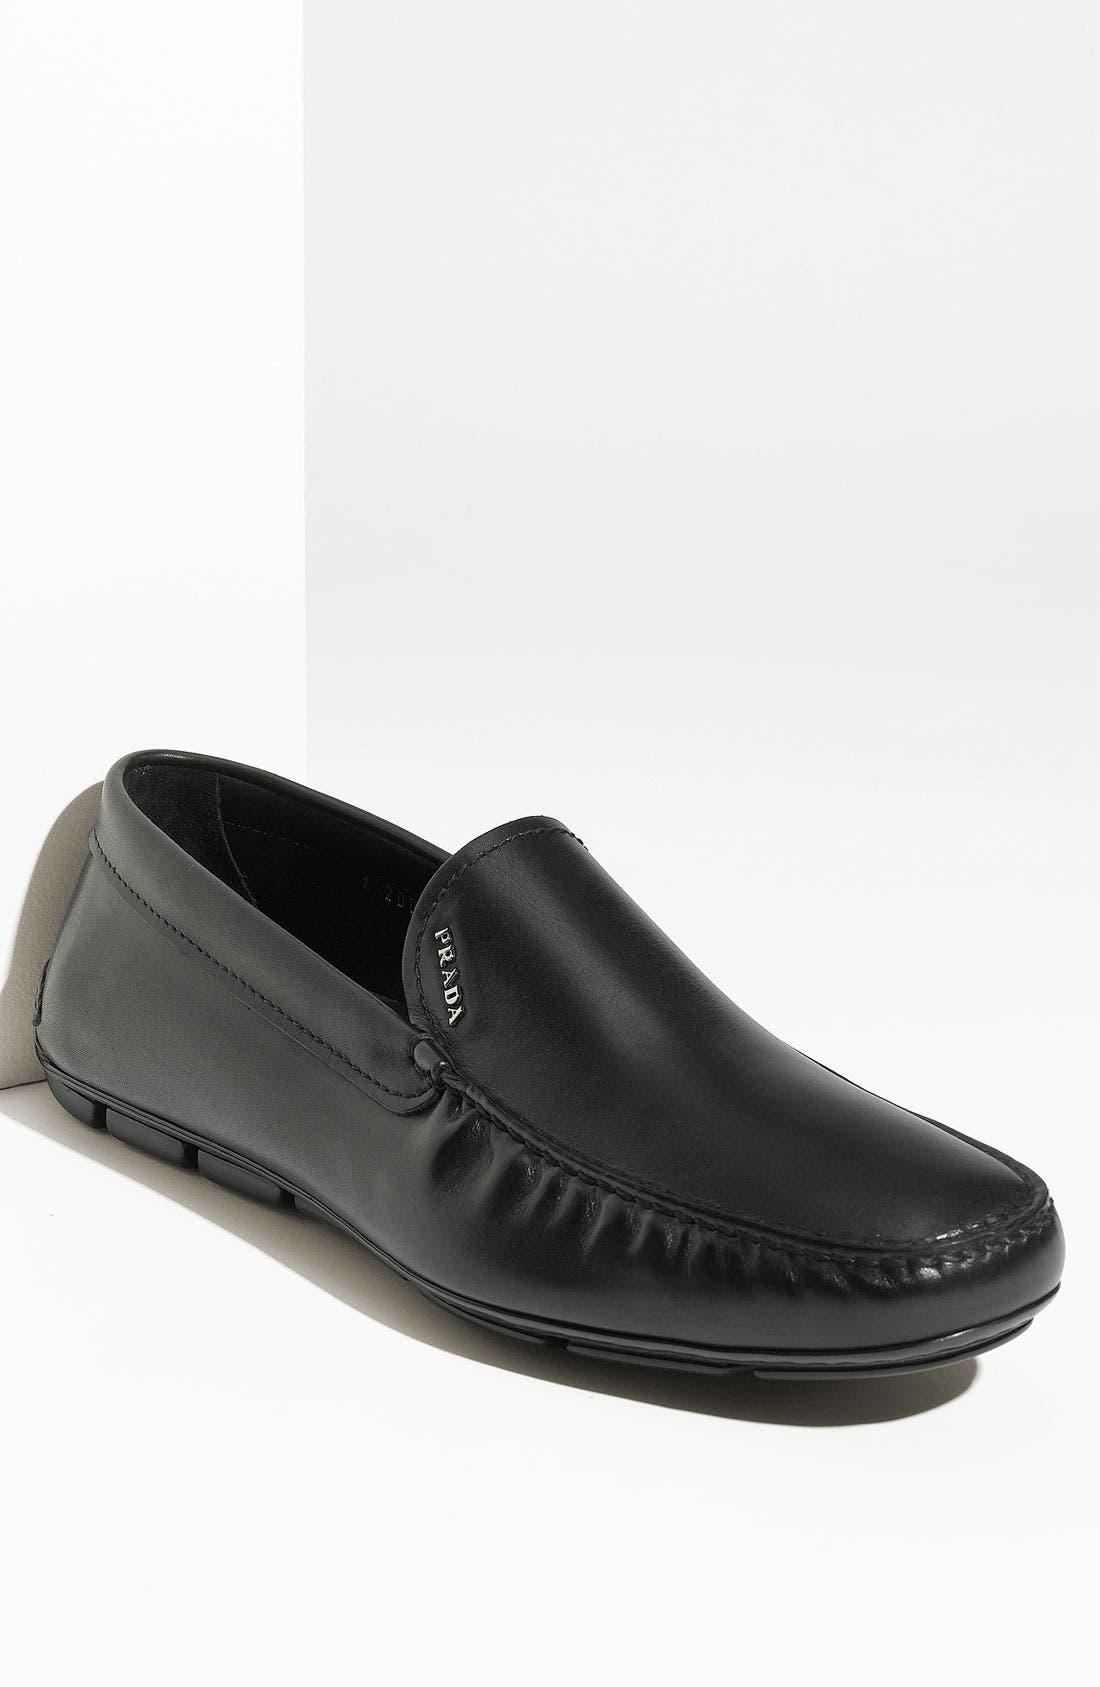 Alternate Image 1 Selected - Prada Leather Driving Shoe (Men)